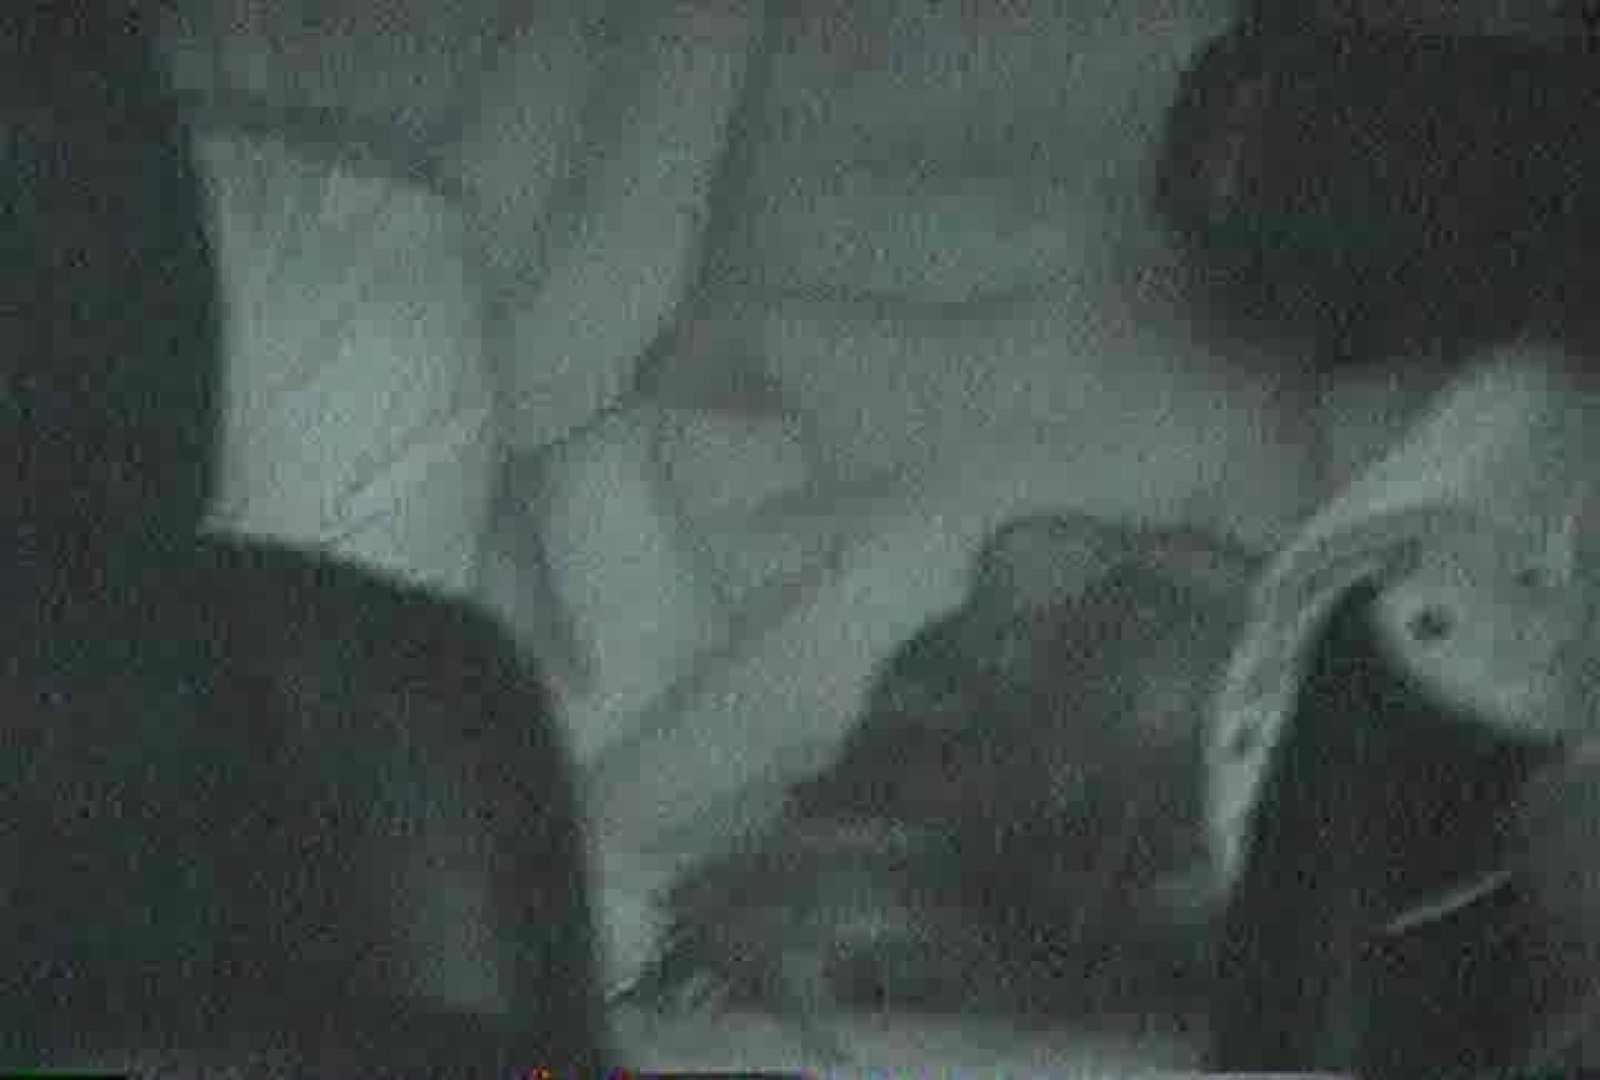 充血監督の深夜の運動会Vol.113 OLヌード天国 | カップルのセックス  59PIX 49